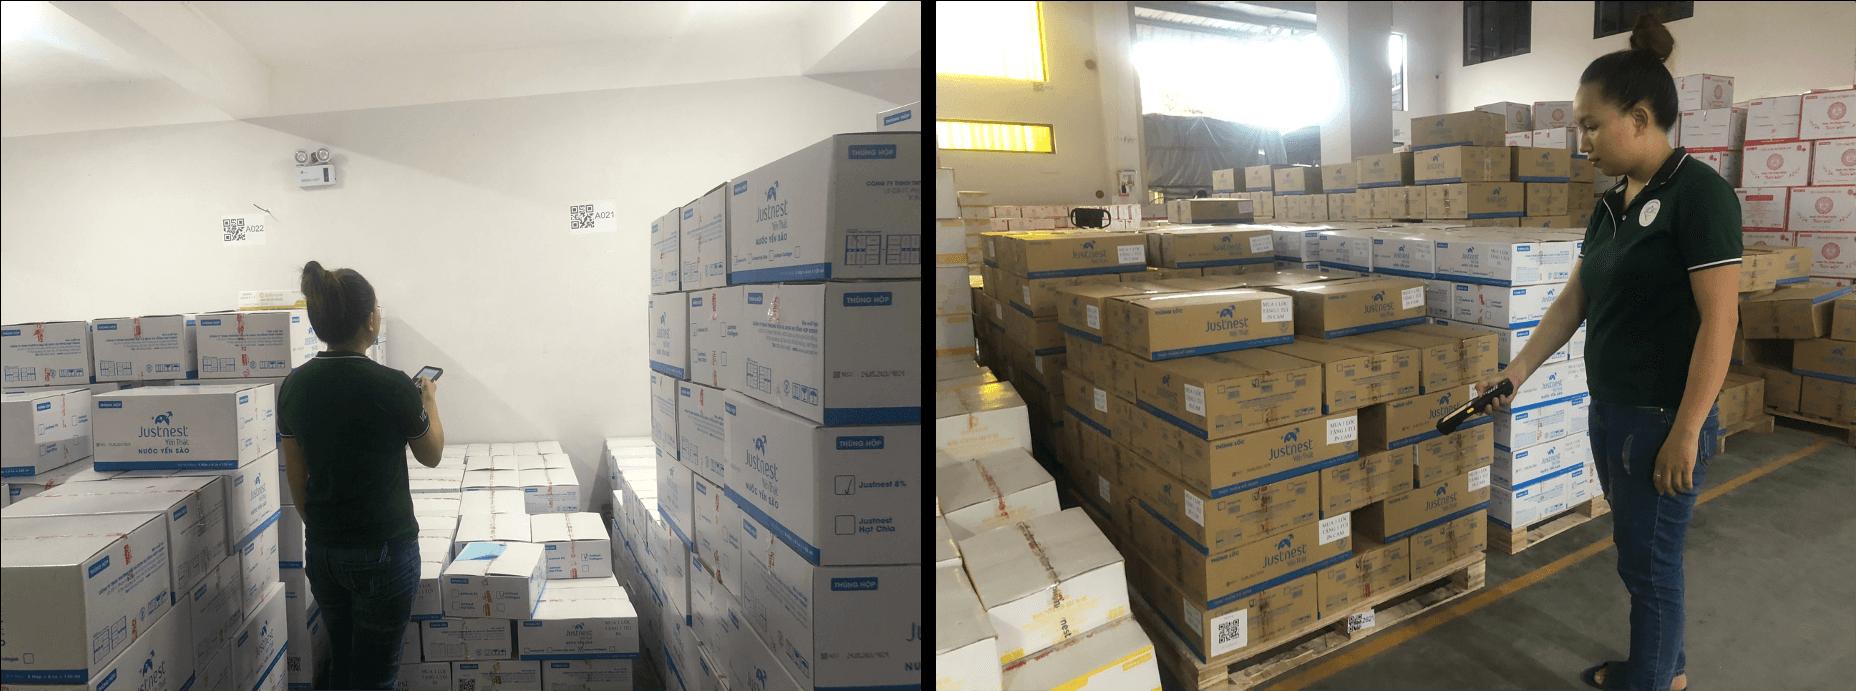 Thủ kho dùng thiết bị để soạn hàng, quét QR các thùng để xuất hàng ra thị trường